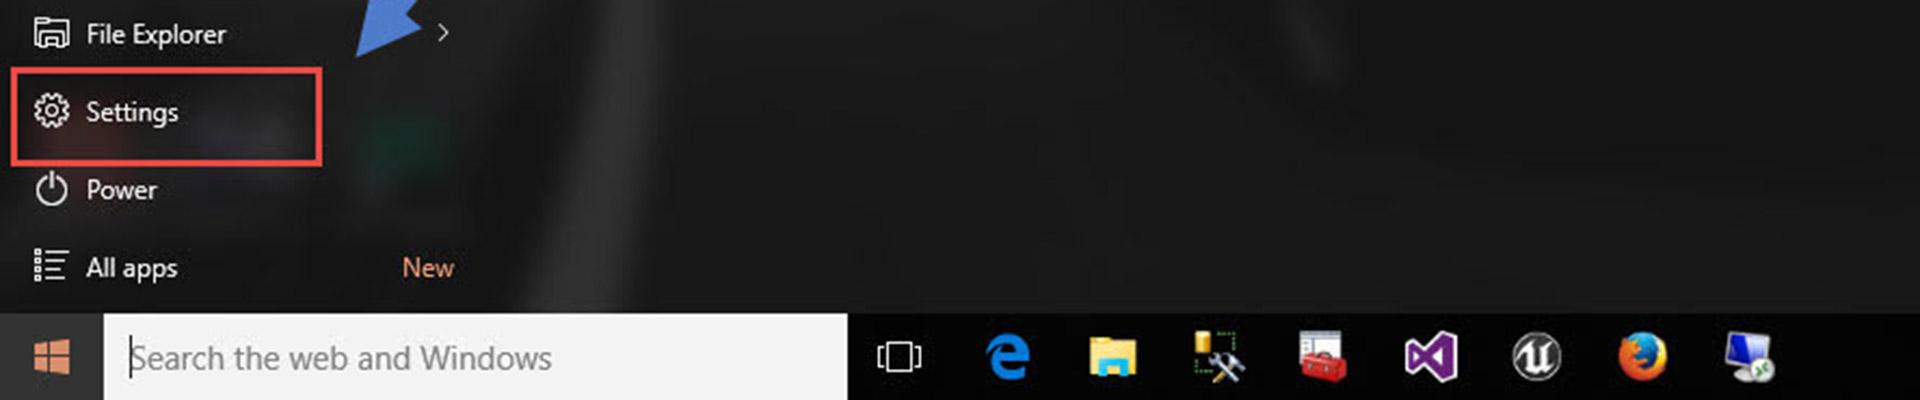 1 تنظیمات اضافه و حذف کردن پرینتر در ویندوز 10 1 - Install and uninstall  printer in Windows 10